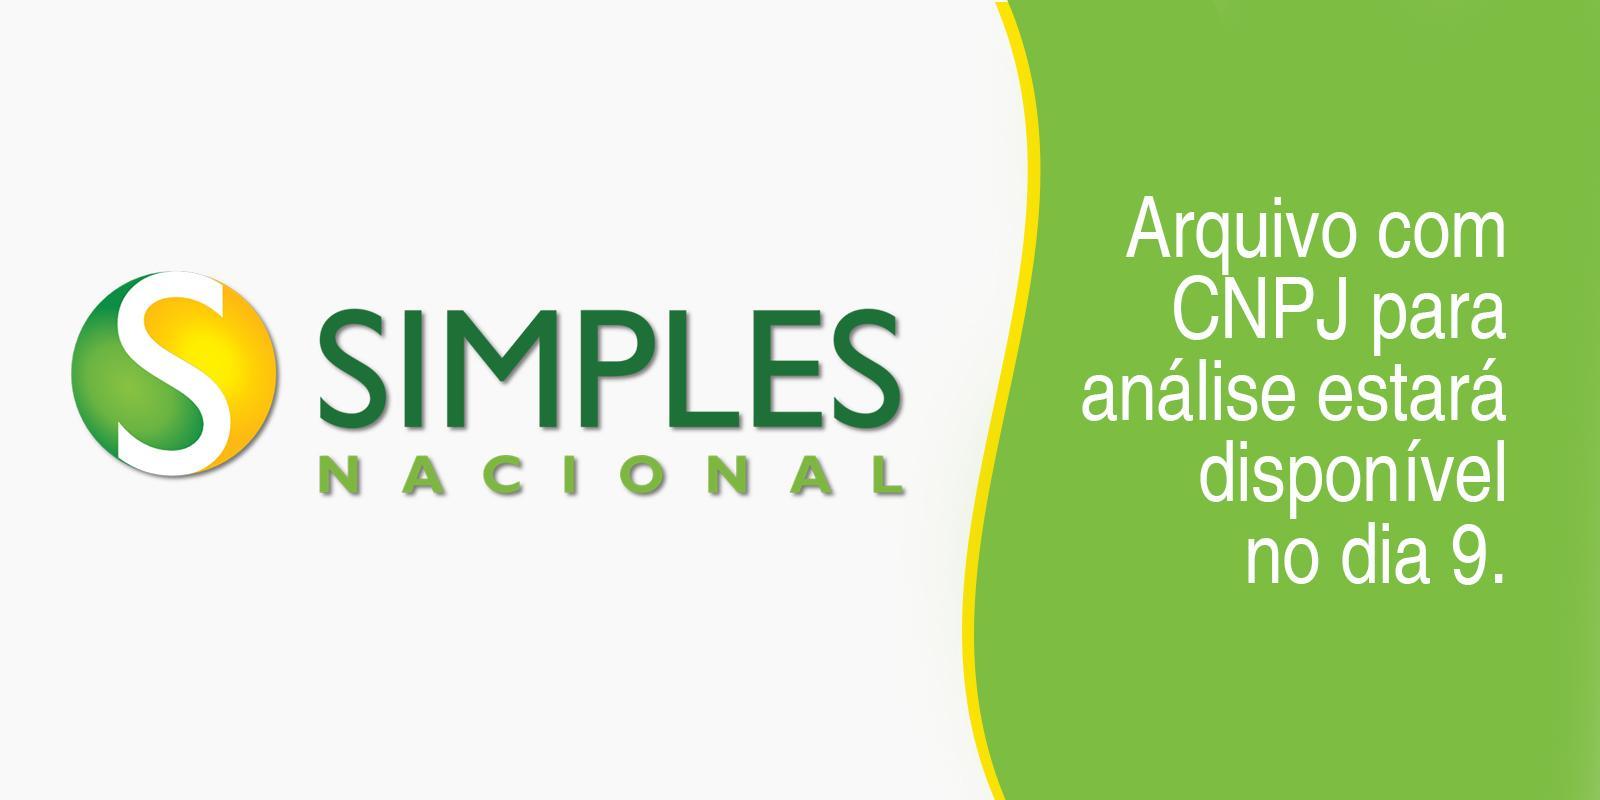 Simples Nacional: arquivo com CNPJ para análise estará disponível dia 9